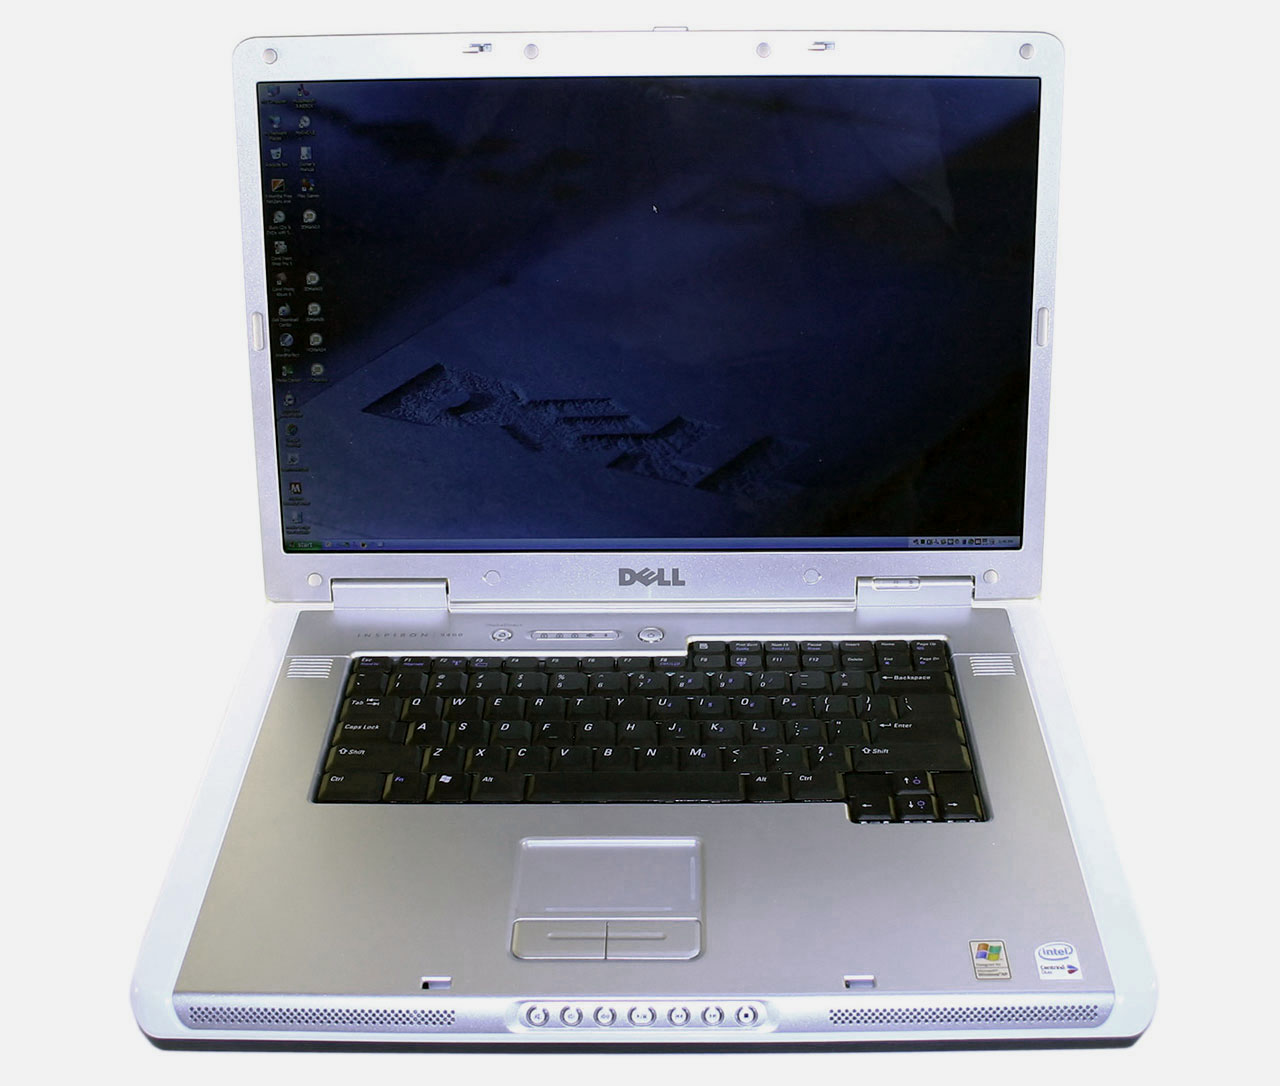 dell e1705 user guide open source user manual u2022 rh dramatic varieties com Dell Inspiron 6000 Dell Inspiron 1100